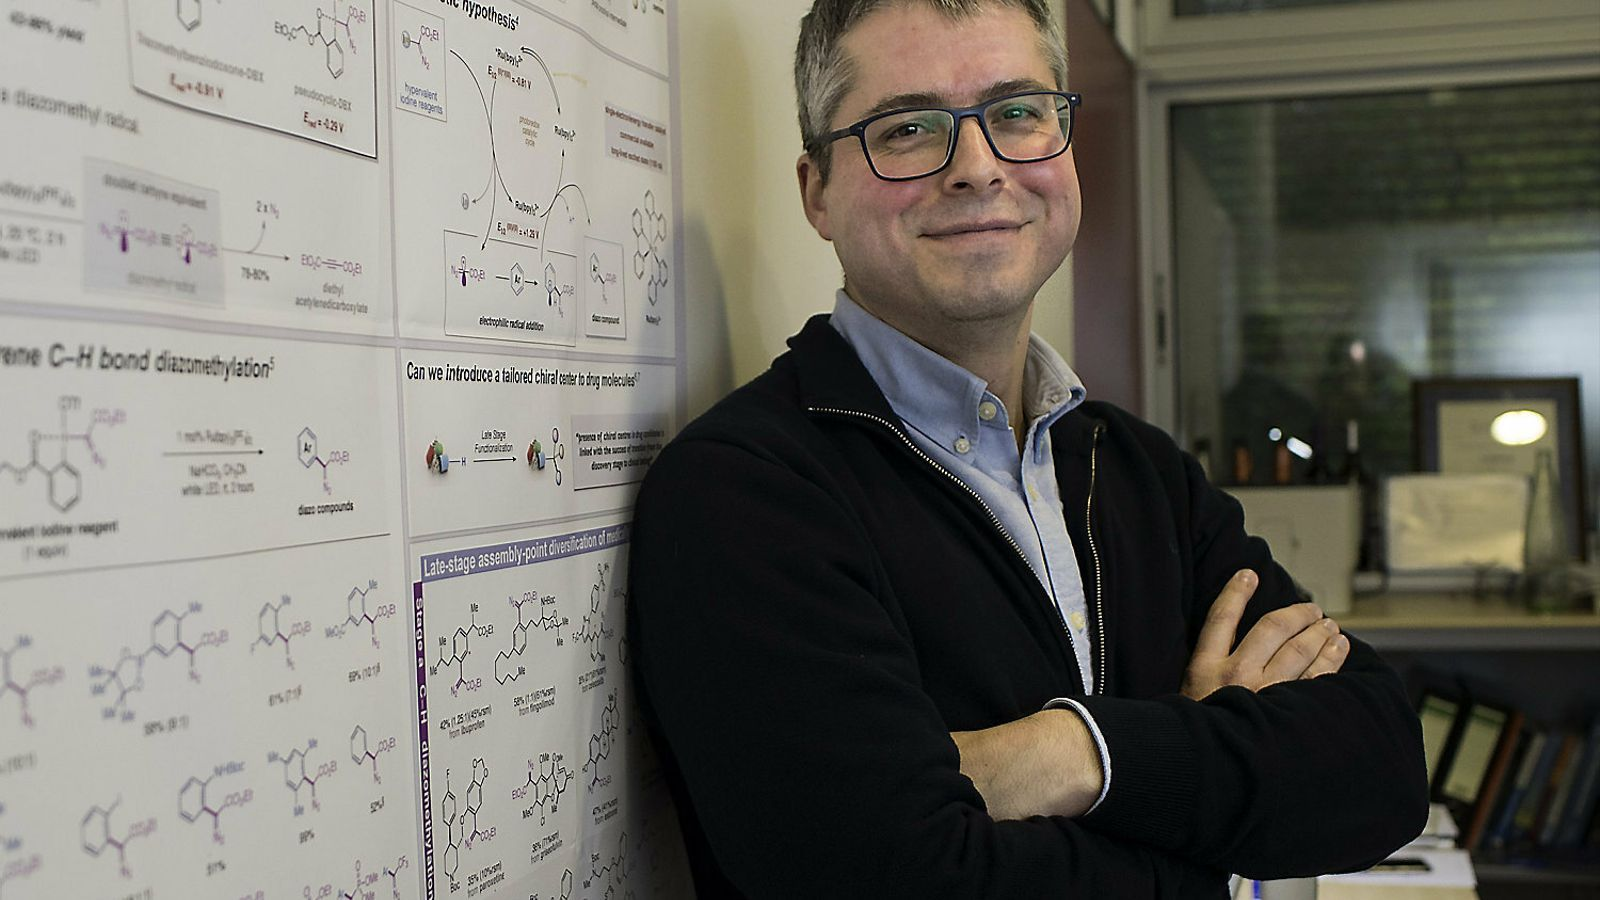 """MARCOS GARCÍA SUERO : """"No m'estranyaria que hi hagués una altra taula química periòdica a l'Univers"""""""